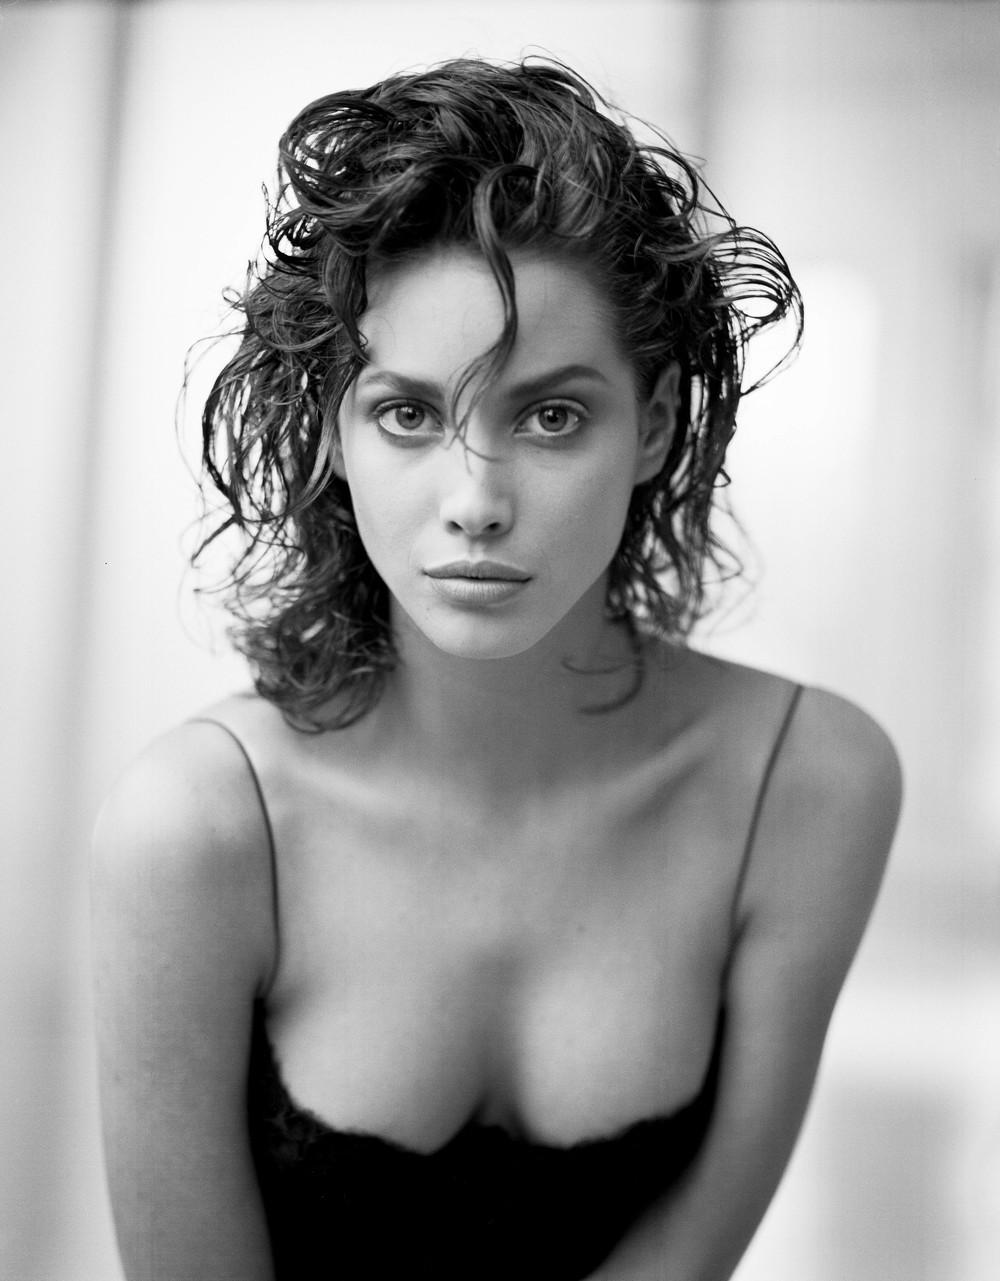 Кристи Тарлингтон, Нью-Йорк, 1987. Автор Артур Элгорт